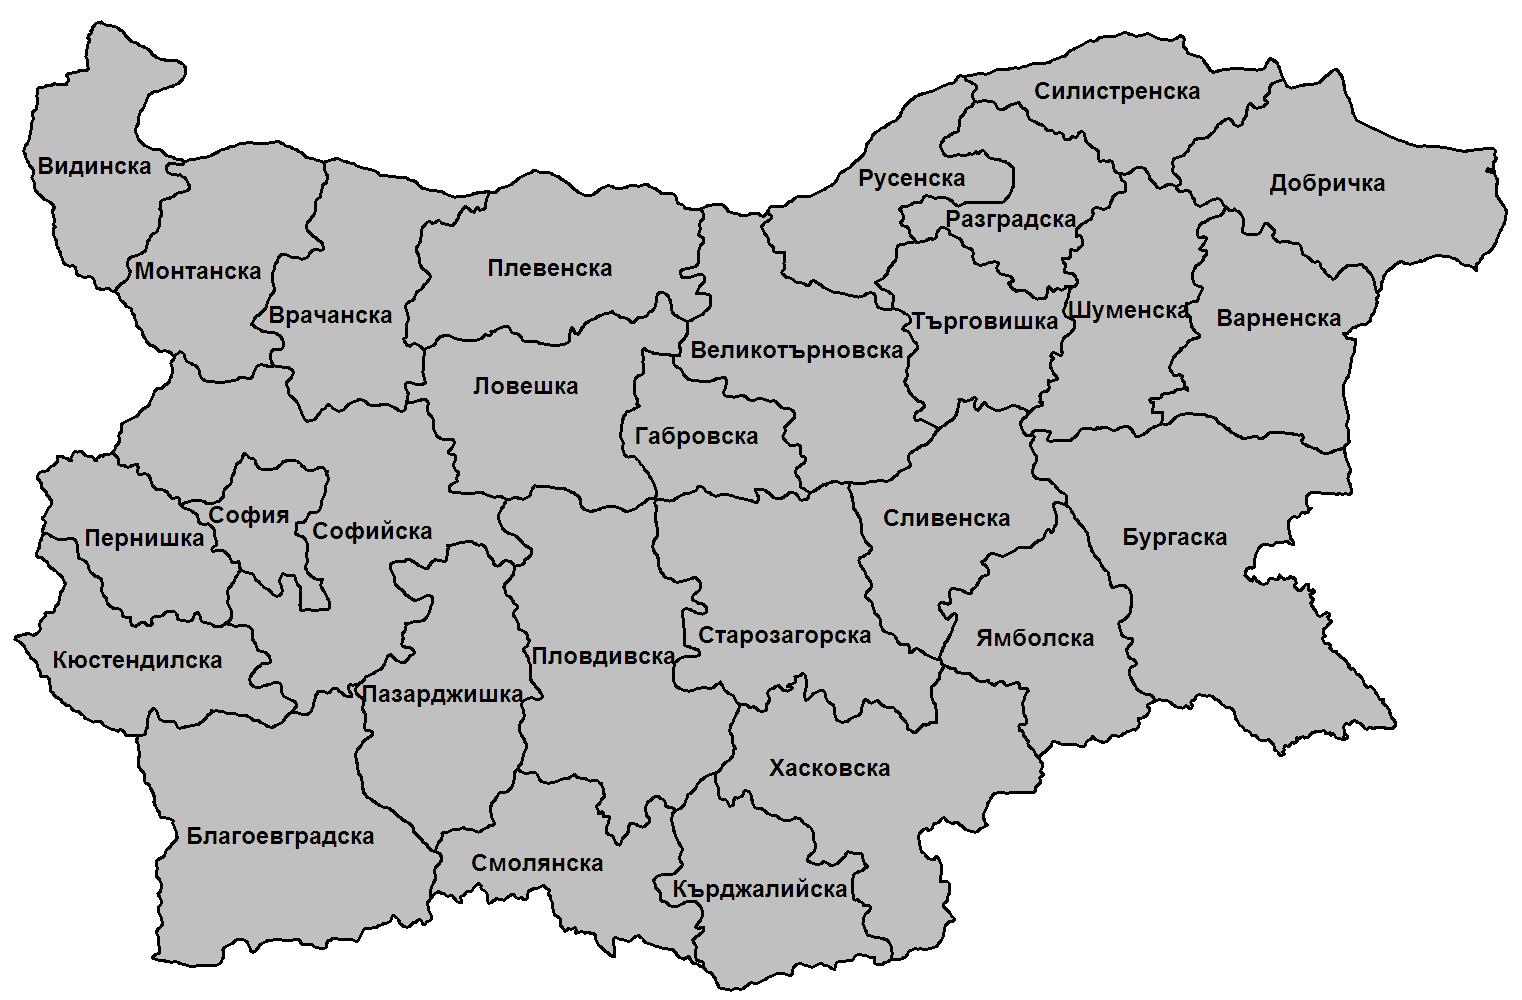 Препоръчани лекари в България